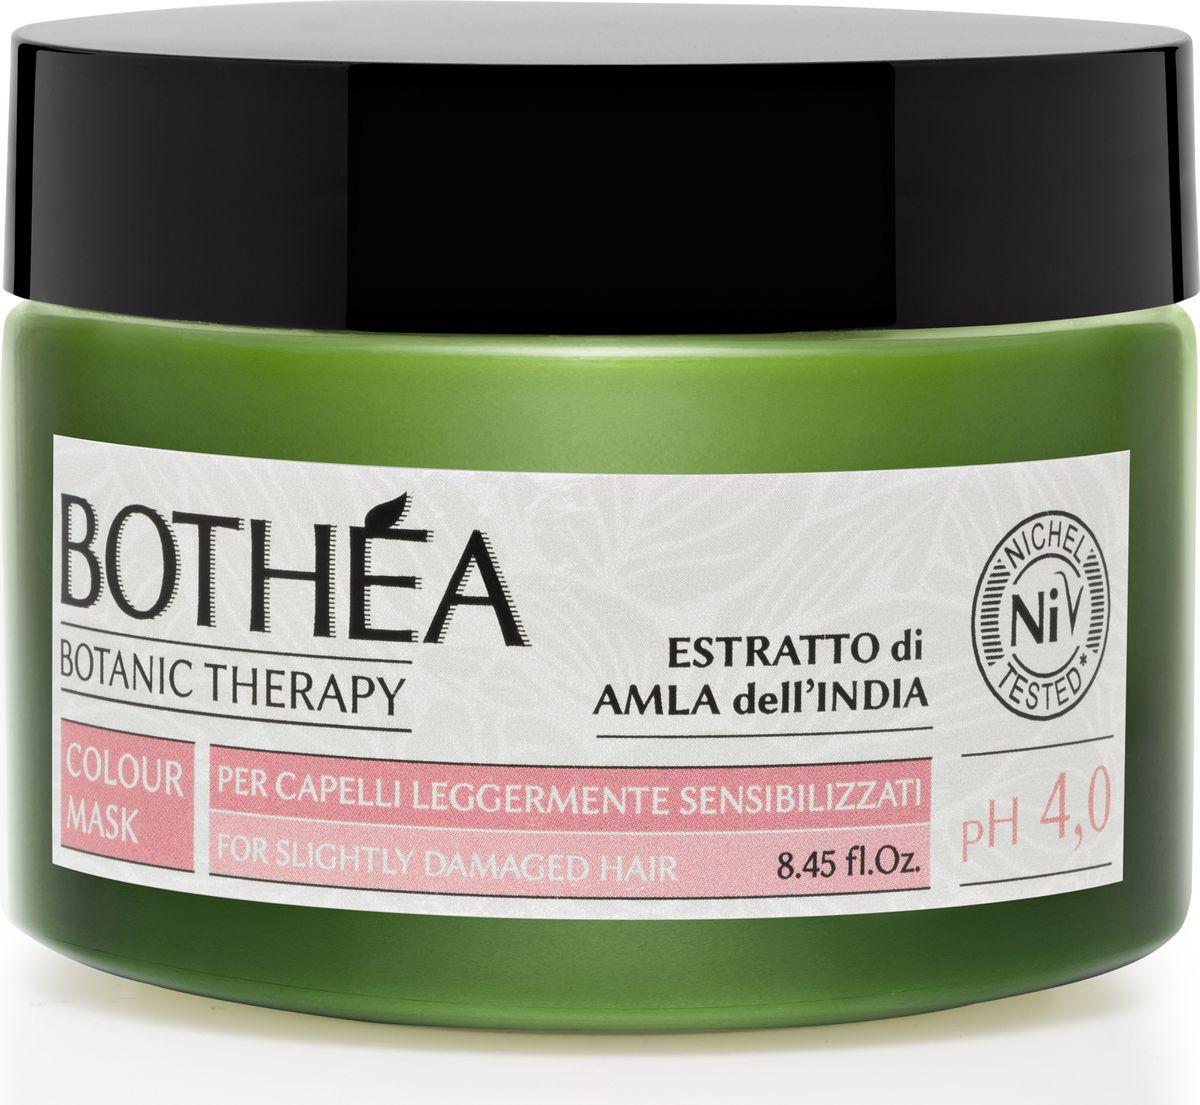 Bothea Маска для сильно поврежденных волос Mask For Very Damaged Hair pH 4.0 - 250 млBT00001Маска для очень чувствительных волос. Кондиционирующее действие по восстановлению влаги, формула закрывает чешуйки волос, обеспечивая превосходное отражение света. Более того, маска мгновенно смягчает кутикулу и облегчает расчесывание волос.